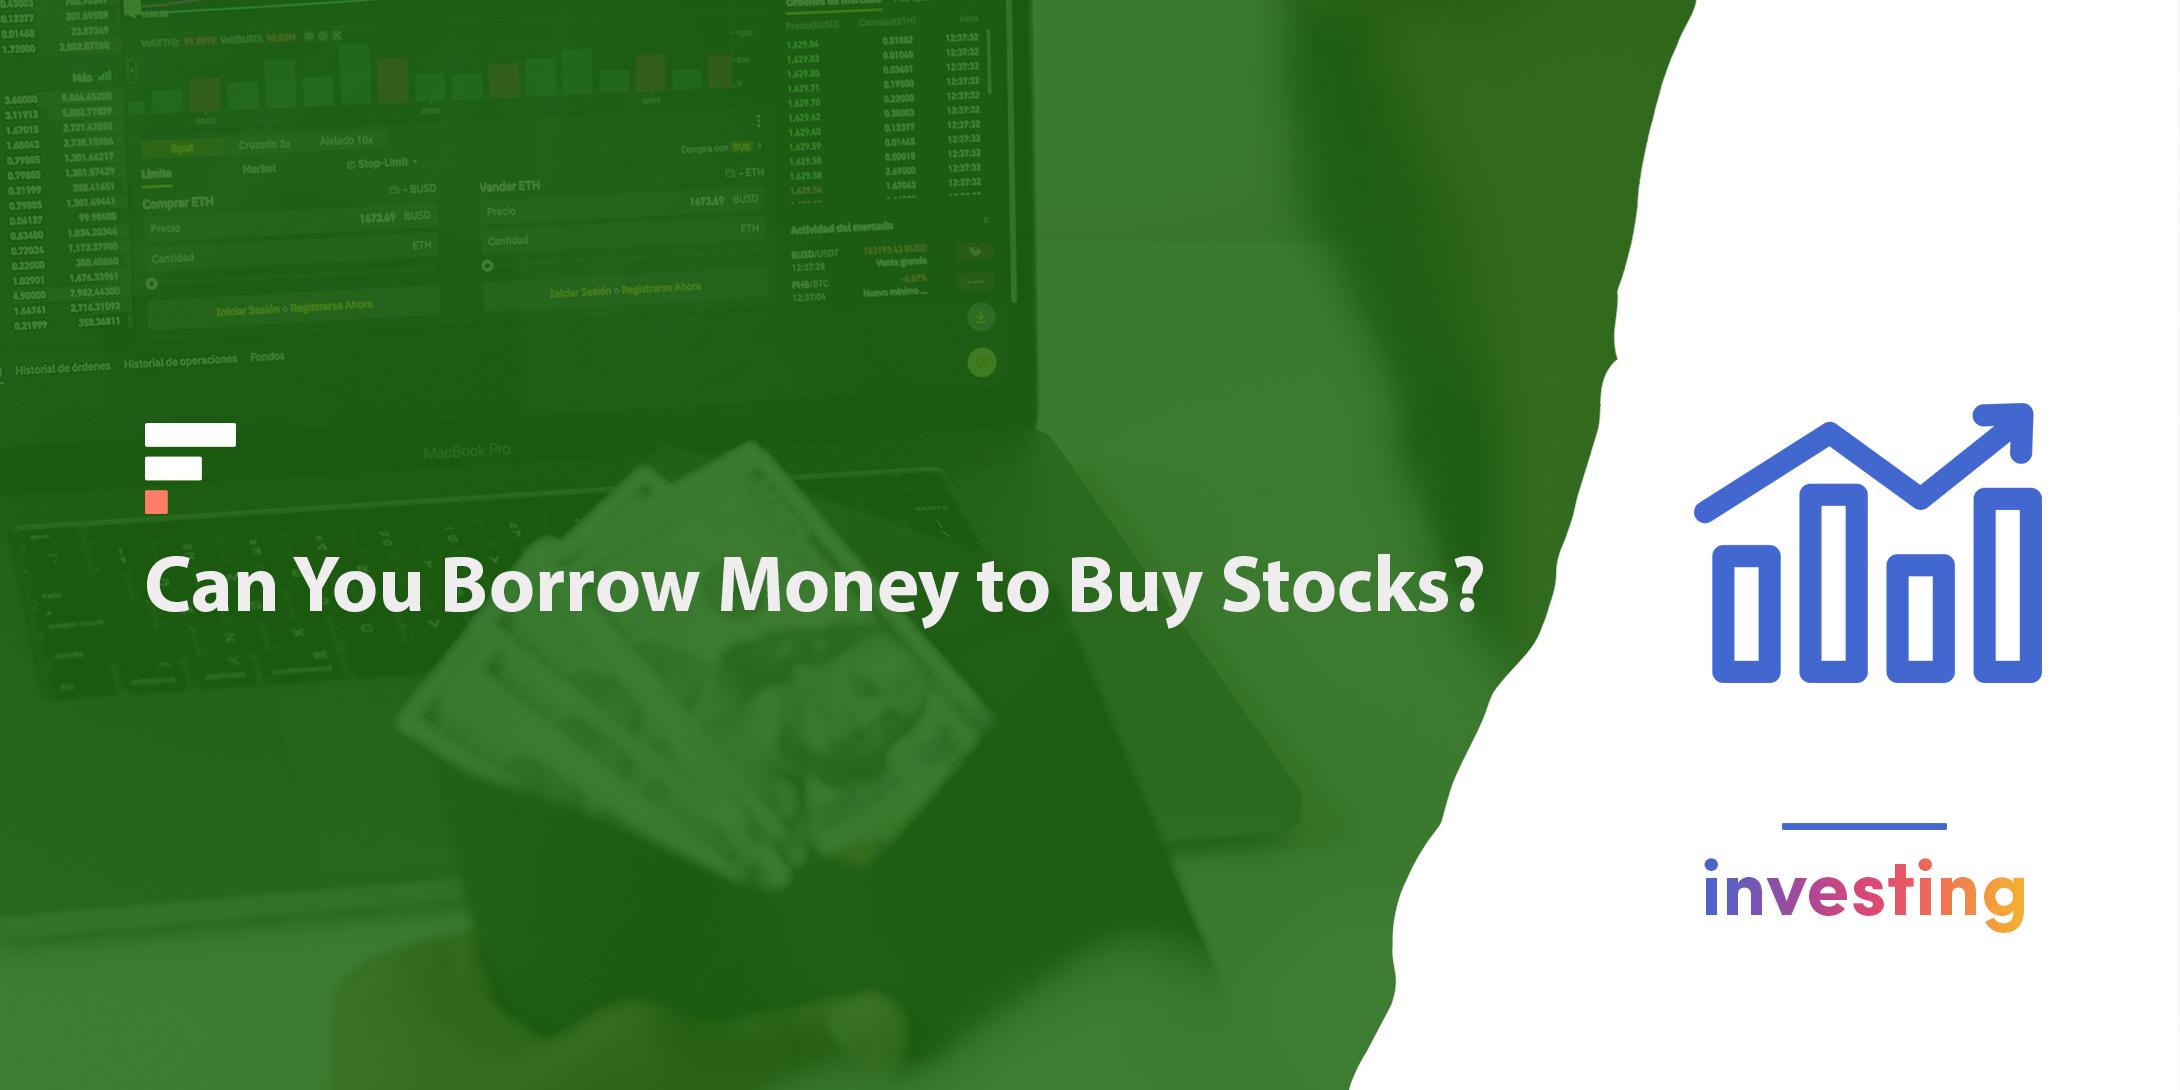 Can you borrow money to buy stocks?